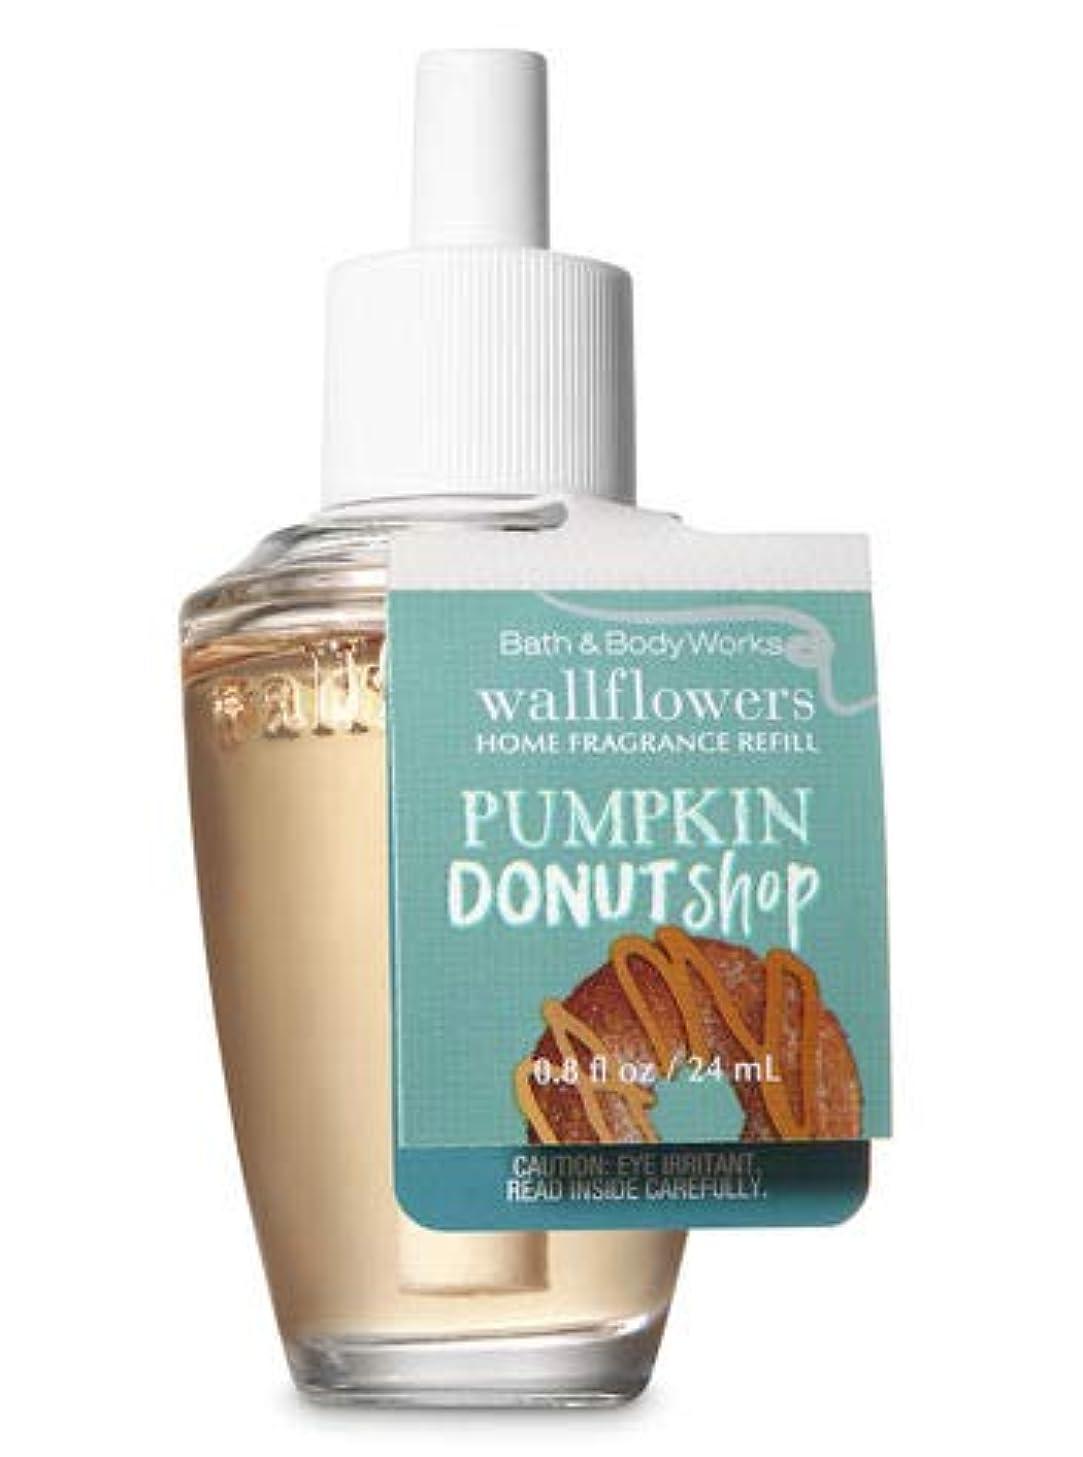 反射似ている思われる【Bath&Body Works/バス&ボディワークス】 ルームフレグランス 詰替えリフィル パンプキンドーナツショップ Wallflowers Home Fragrance Refill Pumpkin Donut Shop [並行輸入品]